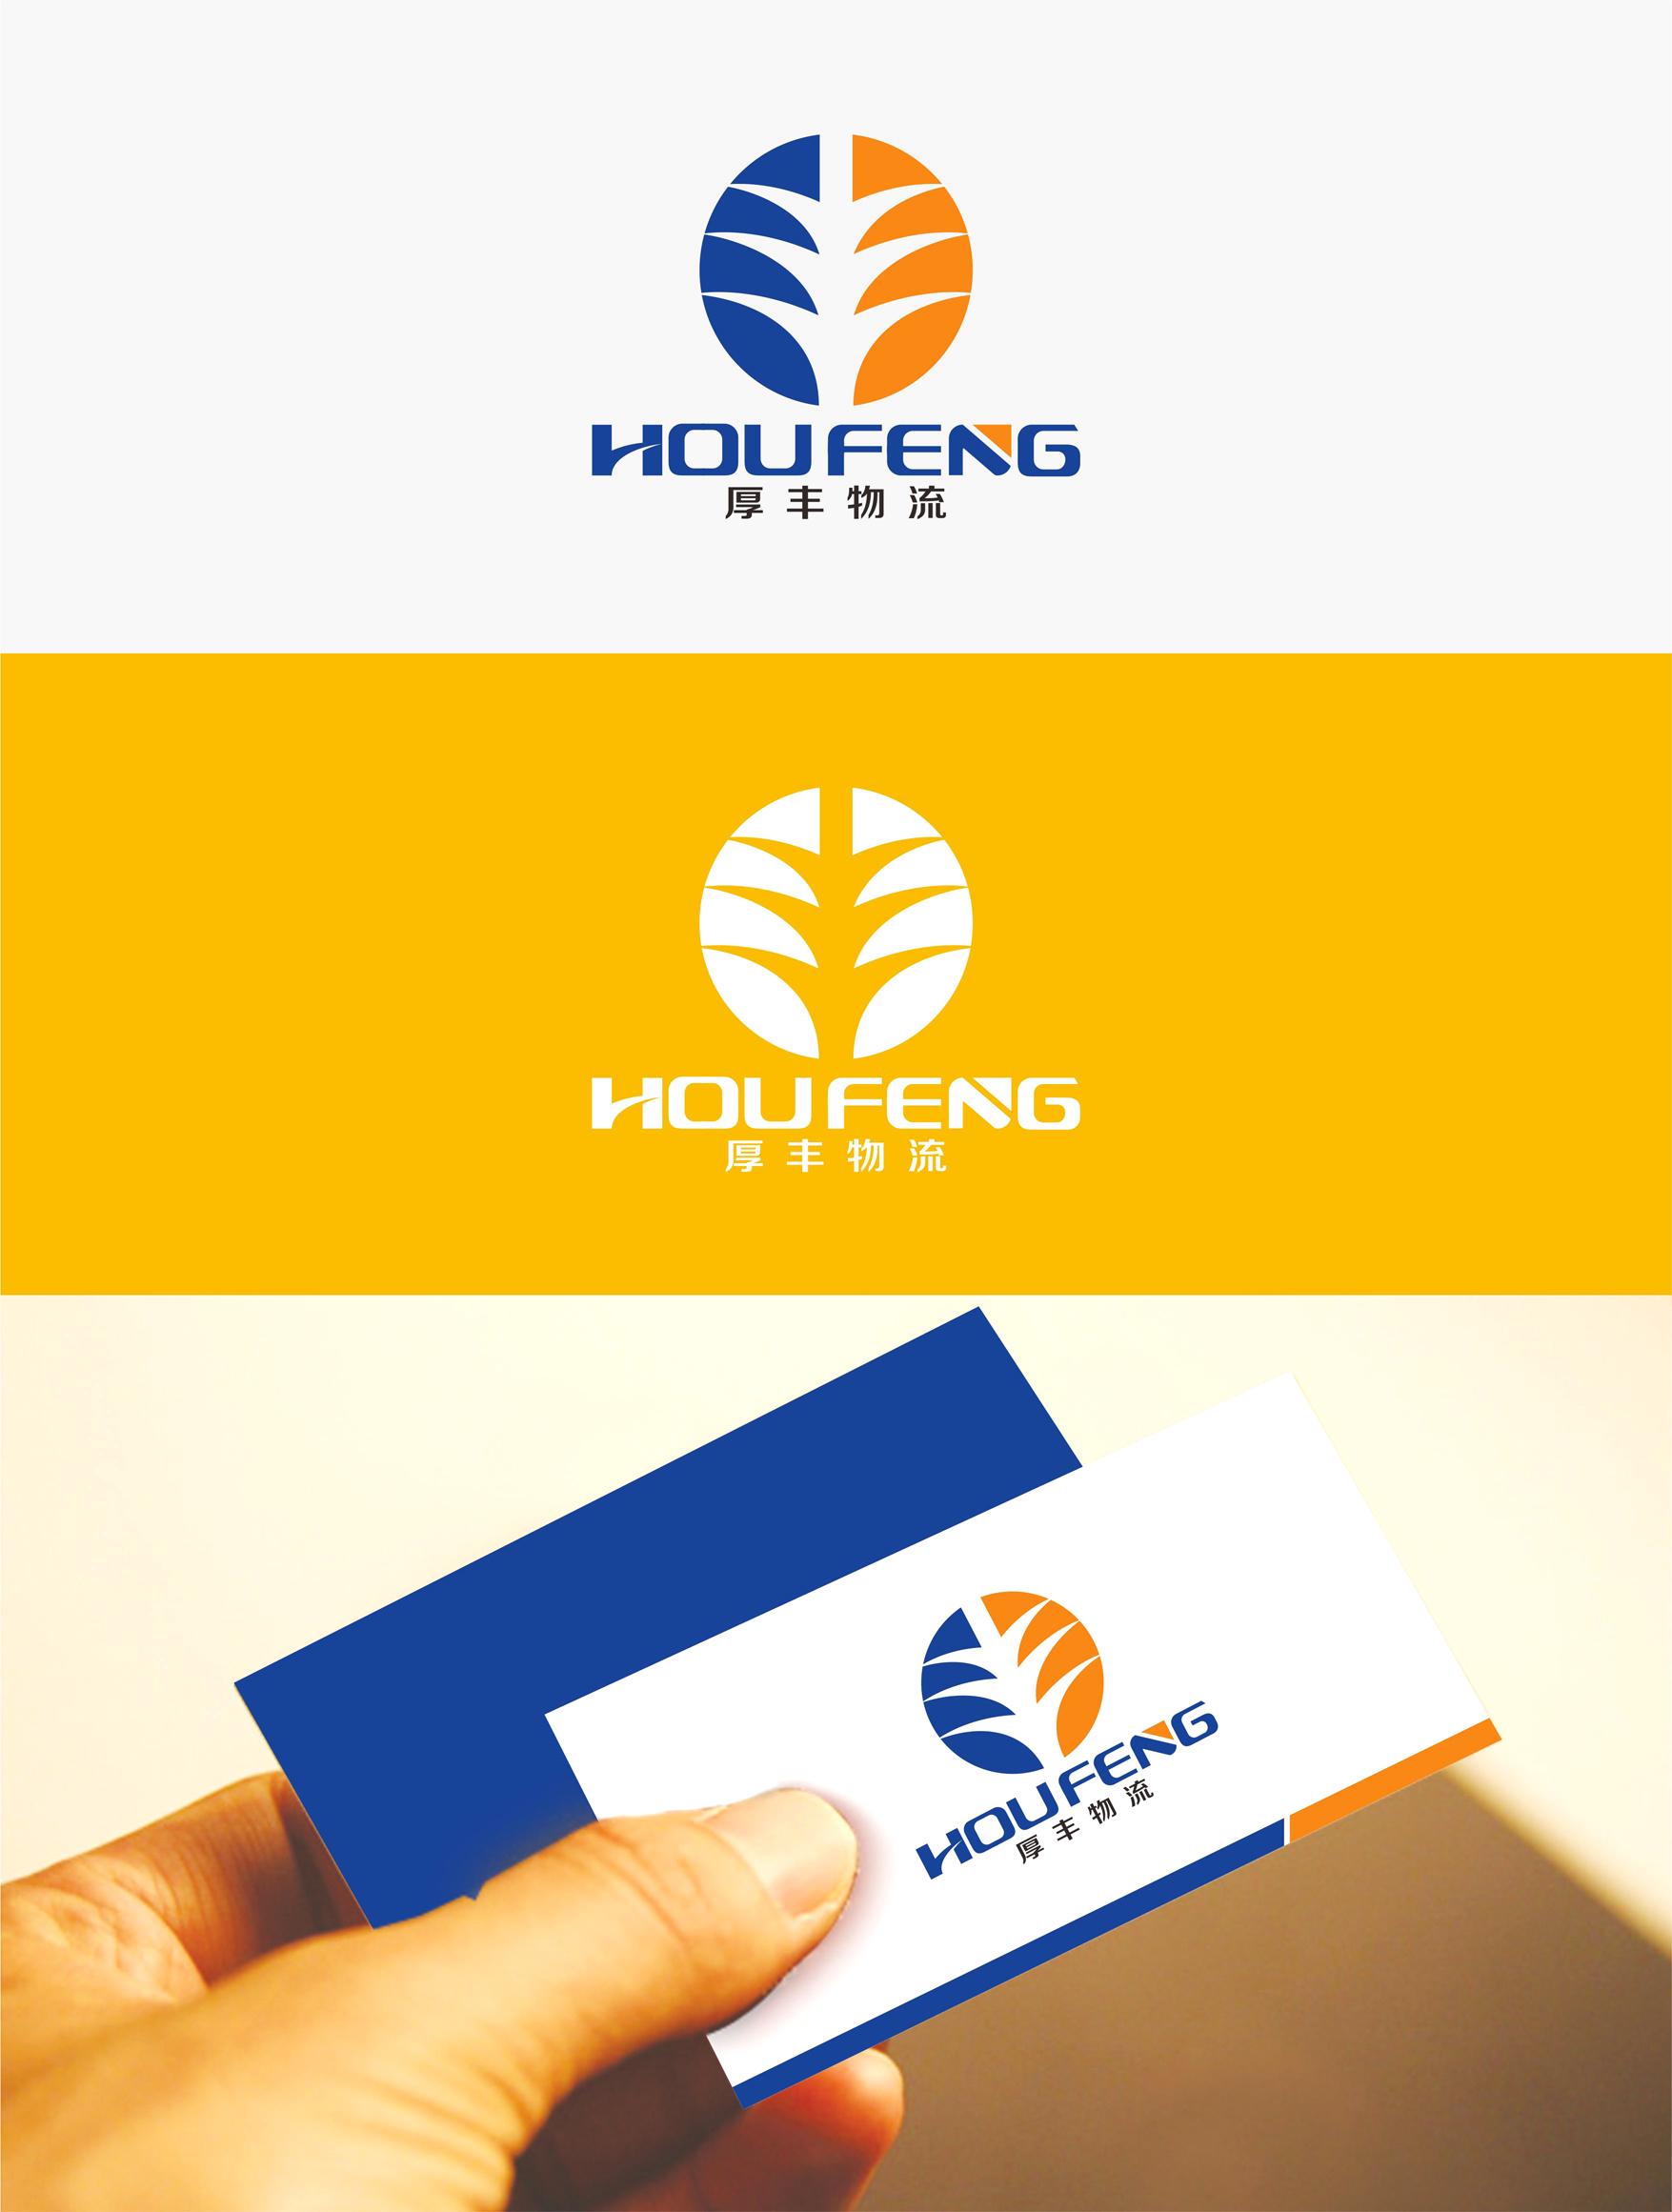 厚丰物流(上海)有限公司logo设计